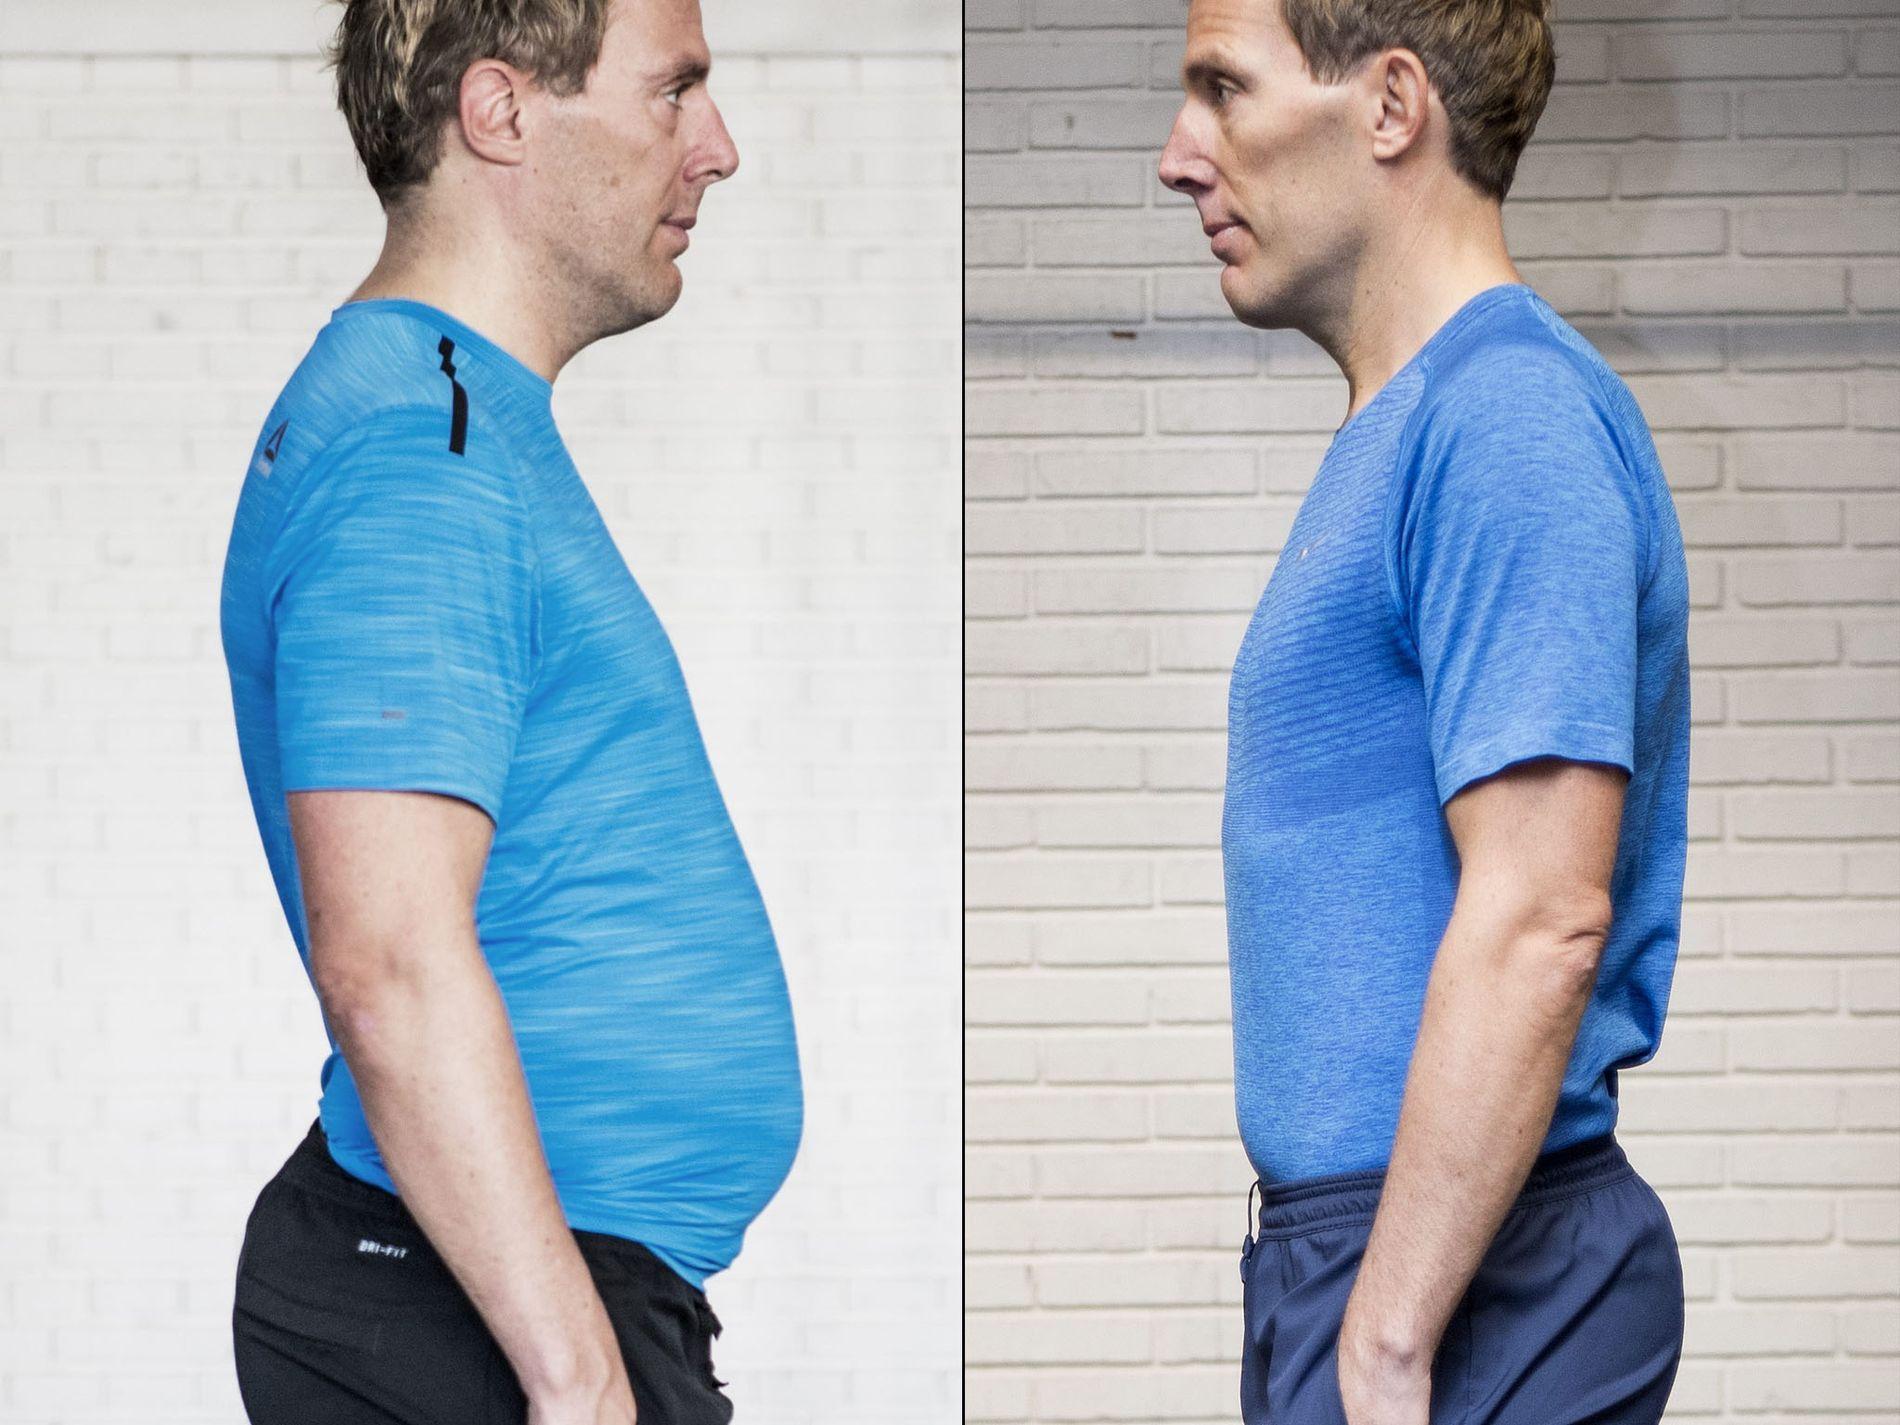 TOK GREP: Etter flere år uten fokus på trening og kosthold, tok Ronnie Poulsen (47) grep. På under en måned ble han kvitt ølmagen, 12 kilo og 13 centimeter rundt mage.